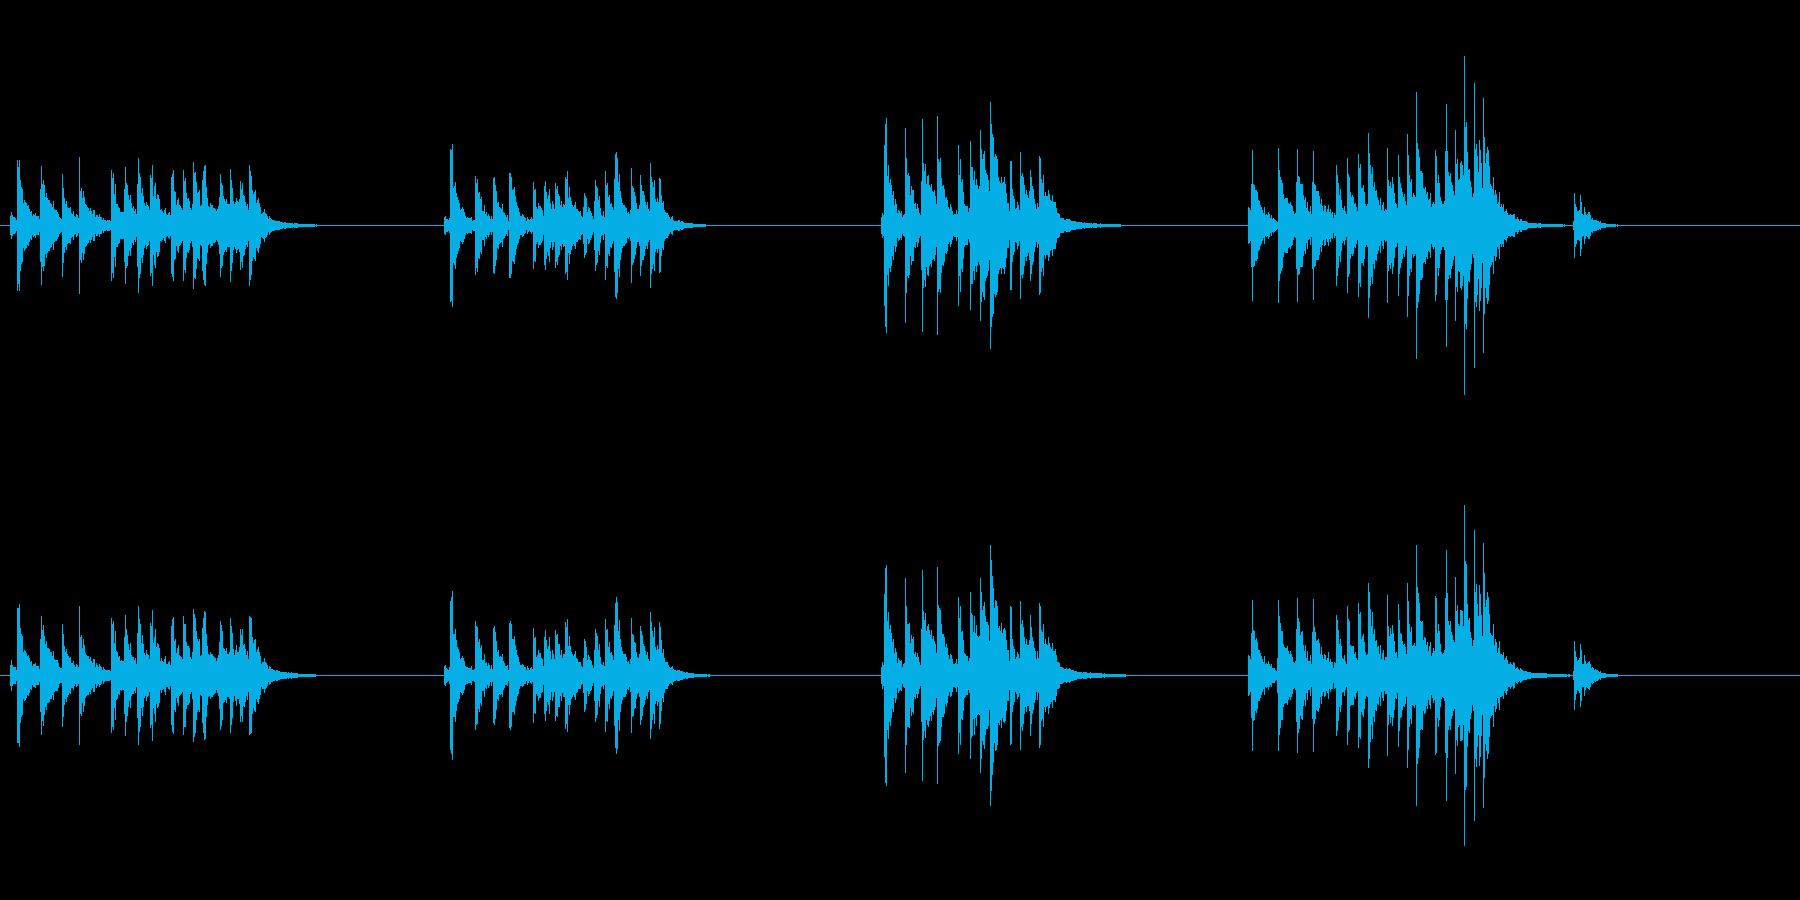 大太鼓6ウス風音ウス風音歌舞伎情景描写和の再生済みの波形